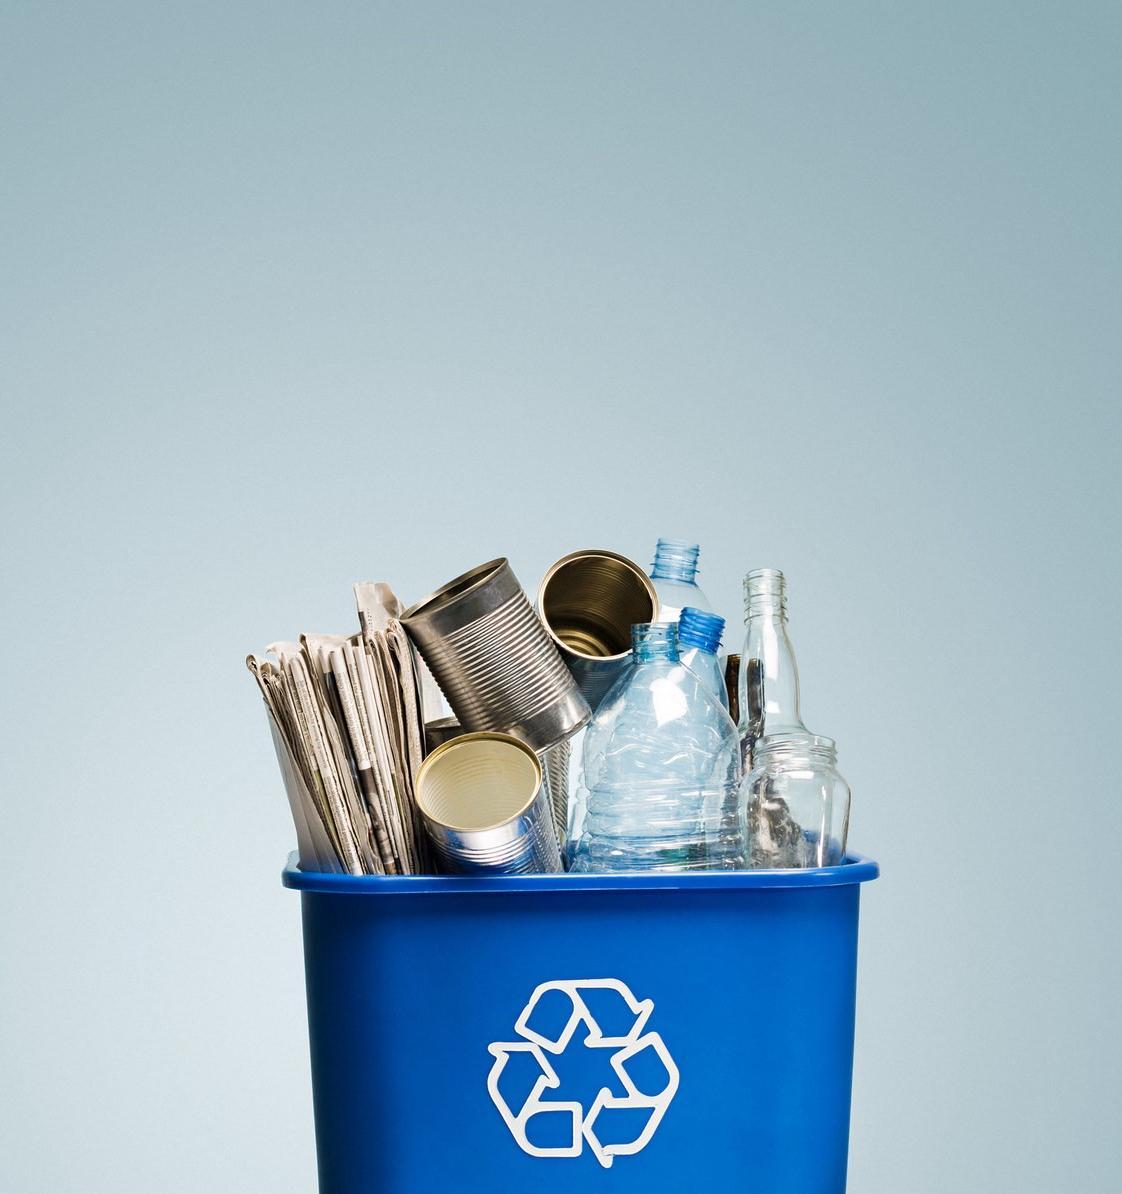 Минприроды предлагает освободить от платы за вывоз мусора тех, кто сортирует отходы